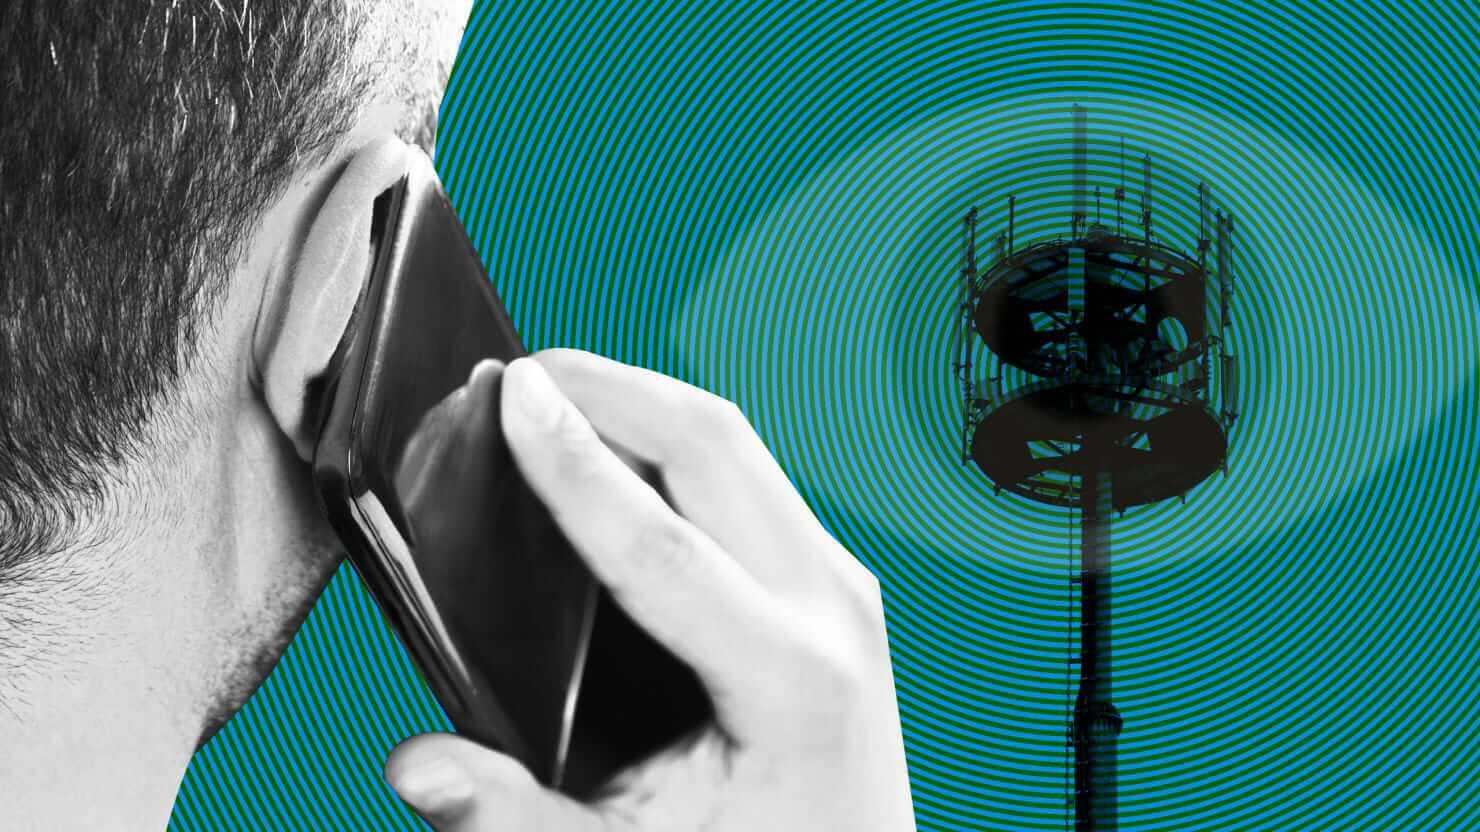 160312-knappenberger-snoop-phone-tease_oo2mqt